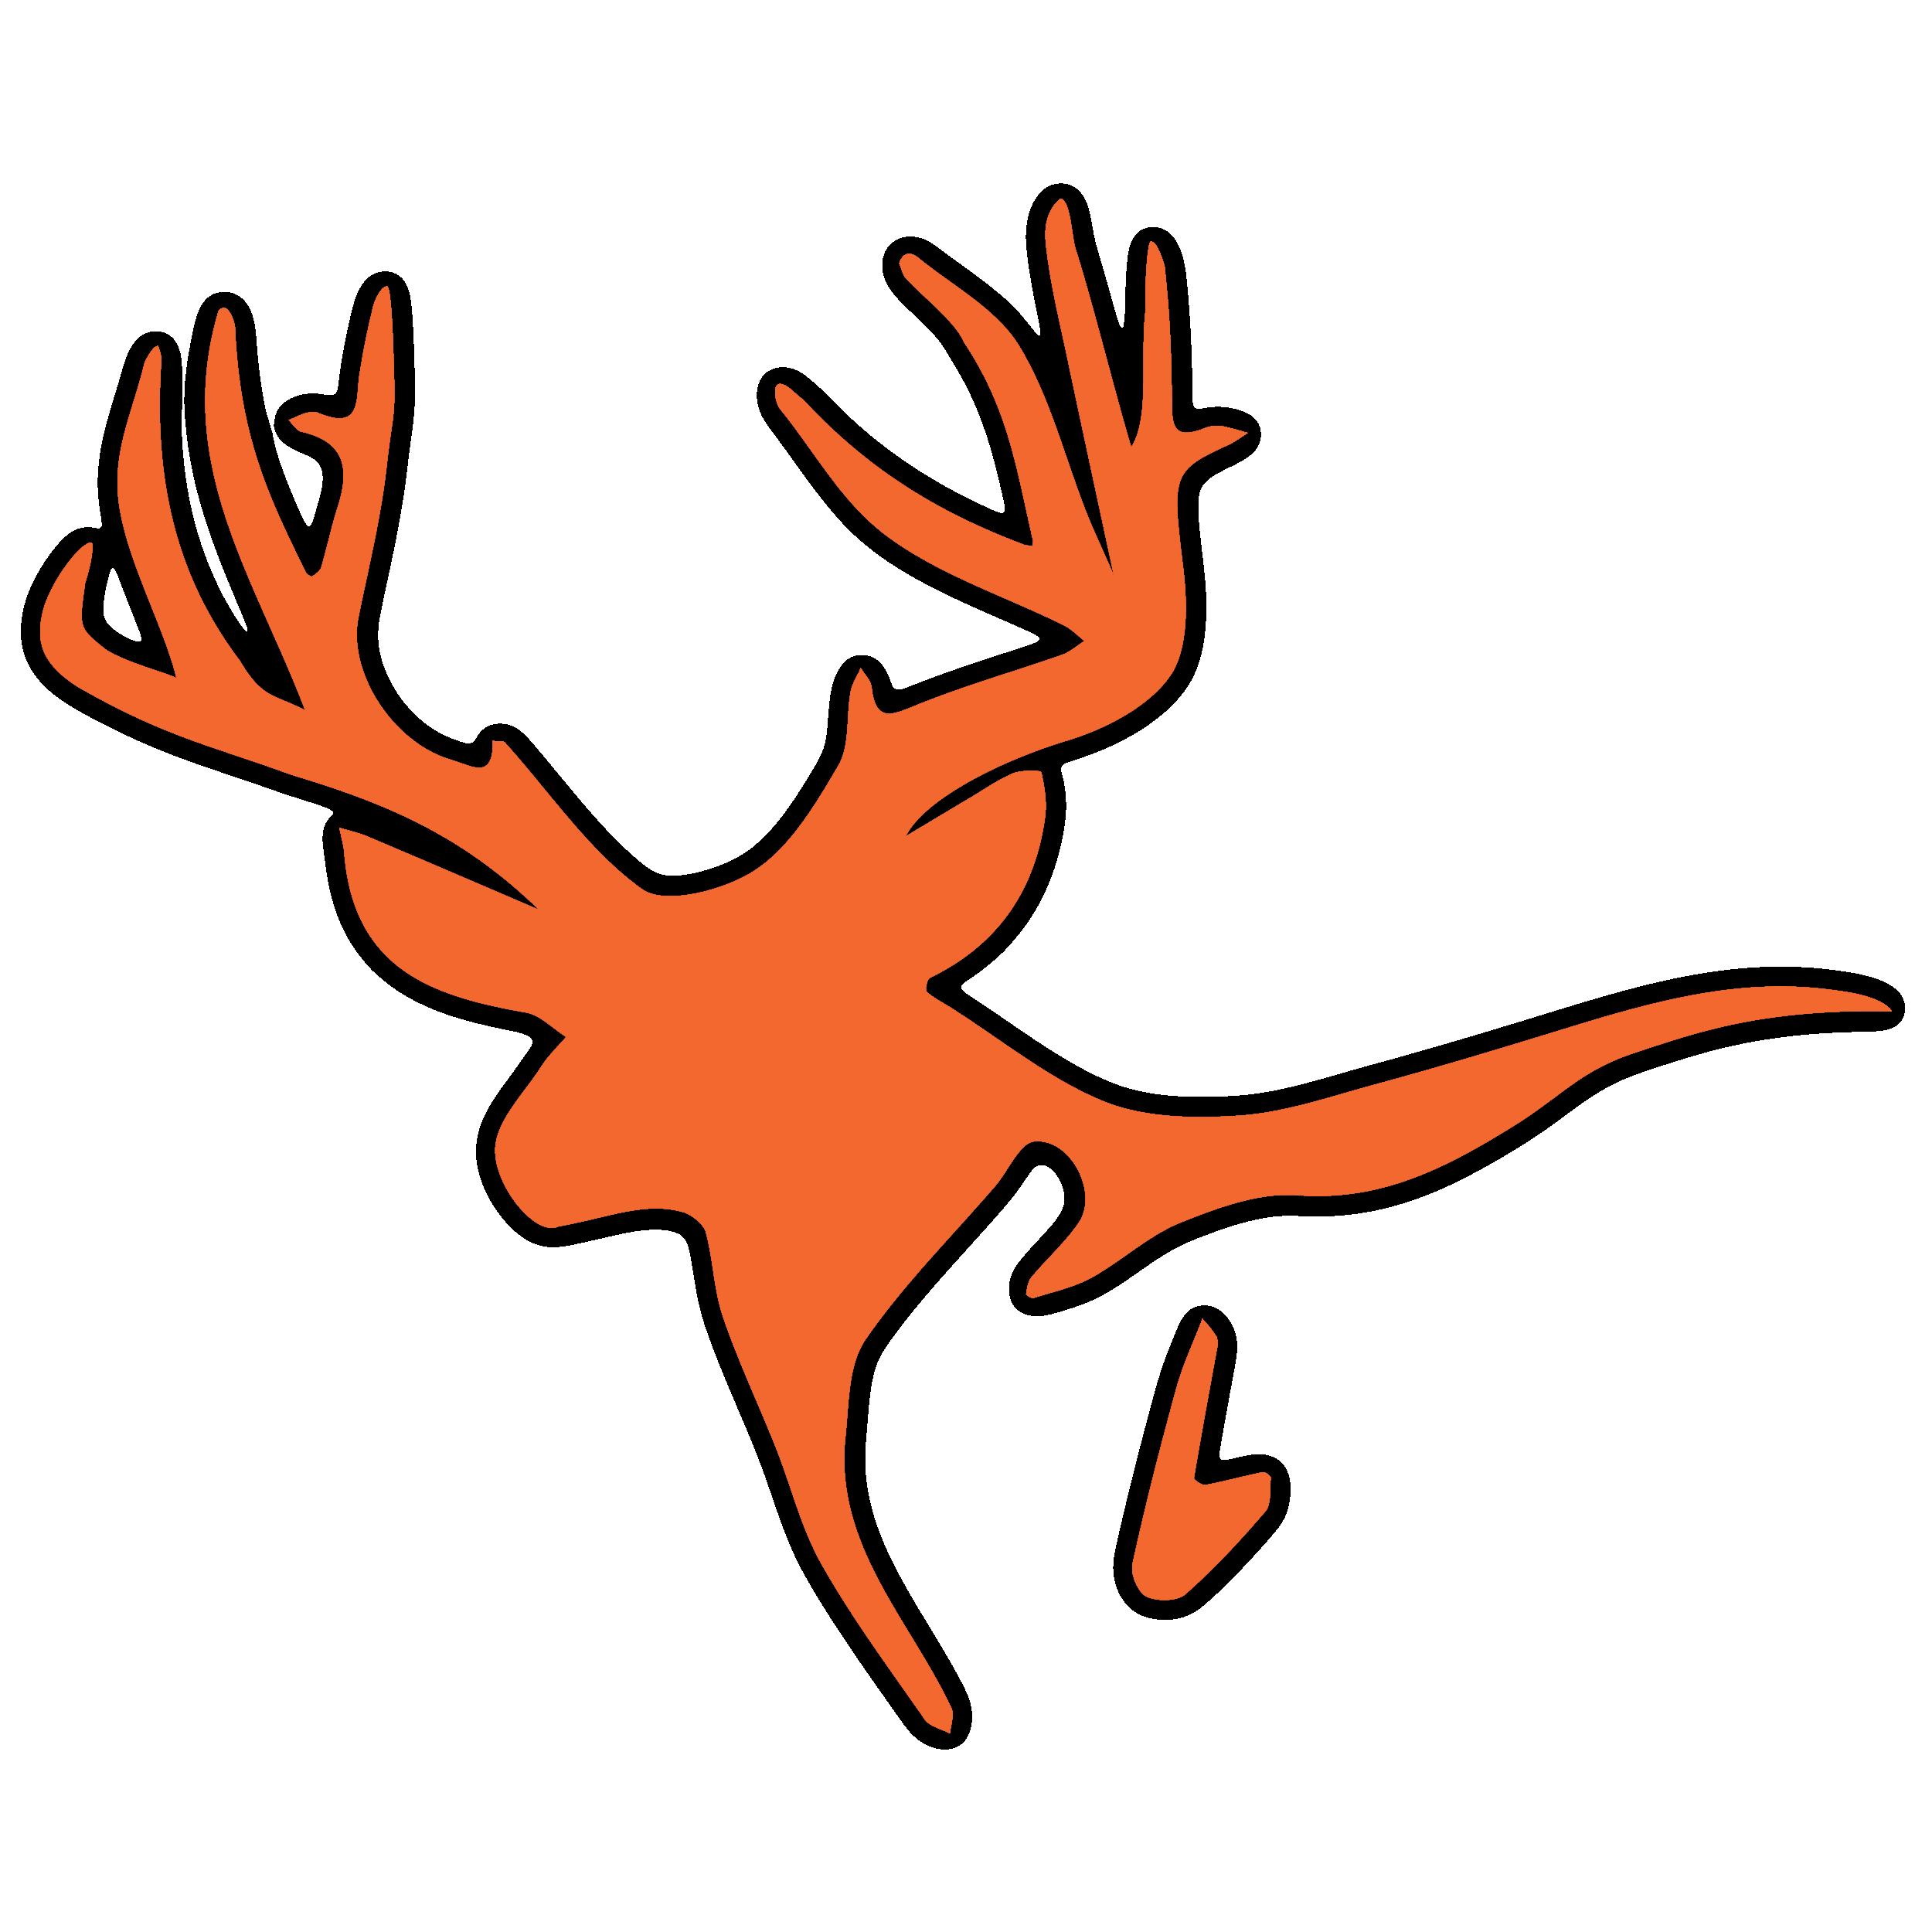 Deer clipart mule deer. Huntinfo big game unit